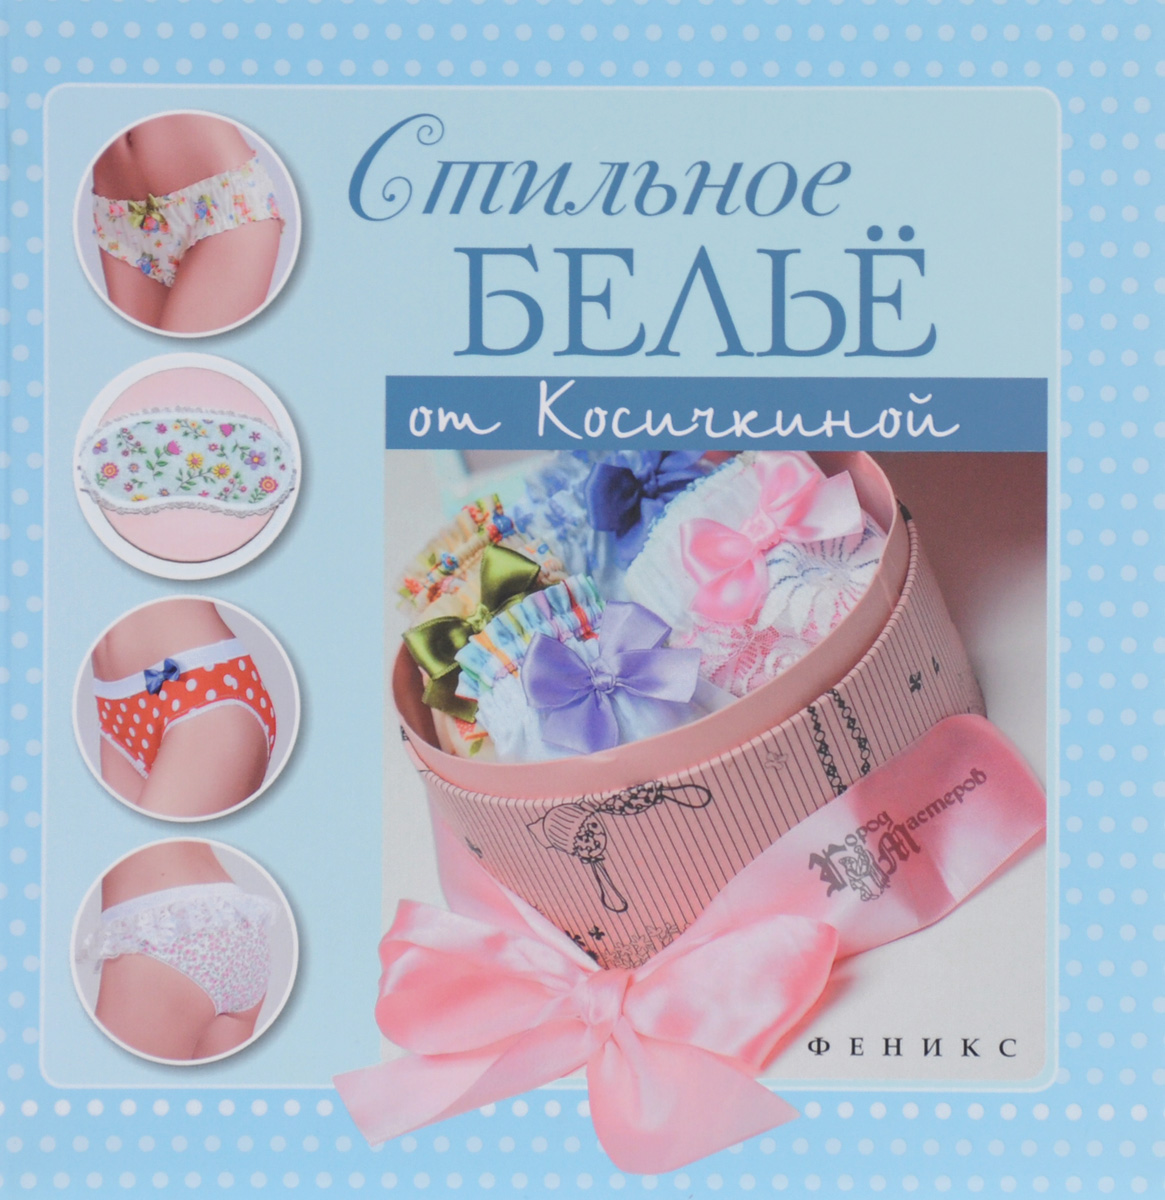 Катерина Косичкина Стильное белье от Косичкиной